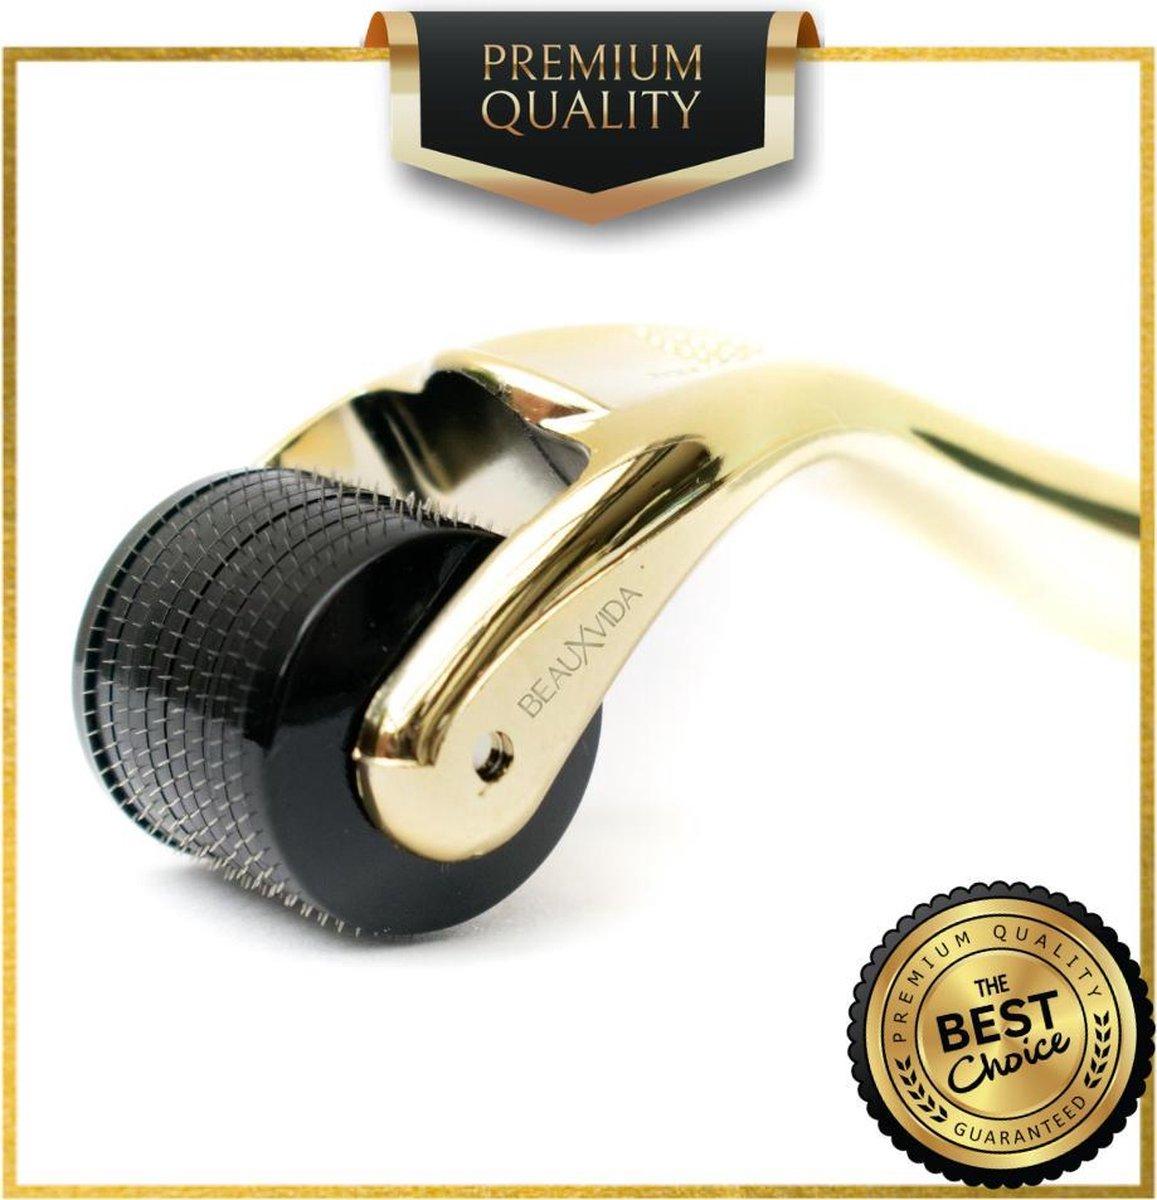 Titanium - 540 Micro-Needle 0.5mm DermaRoller   Skin Roller   Gezichts- en huidverzorging   Huidverj